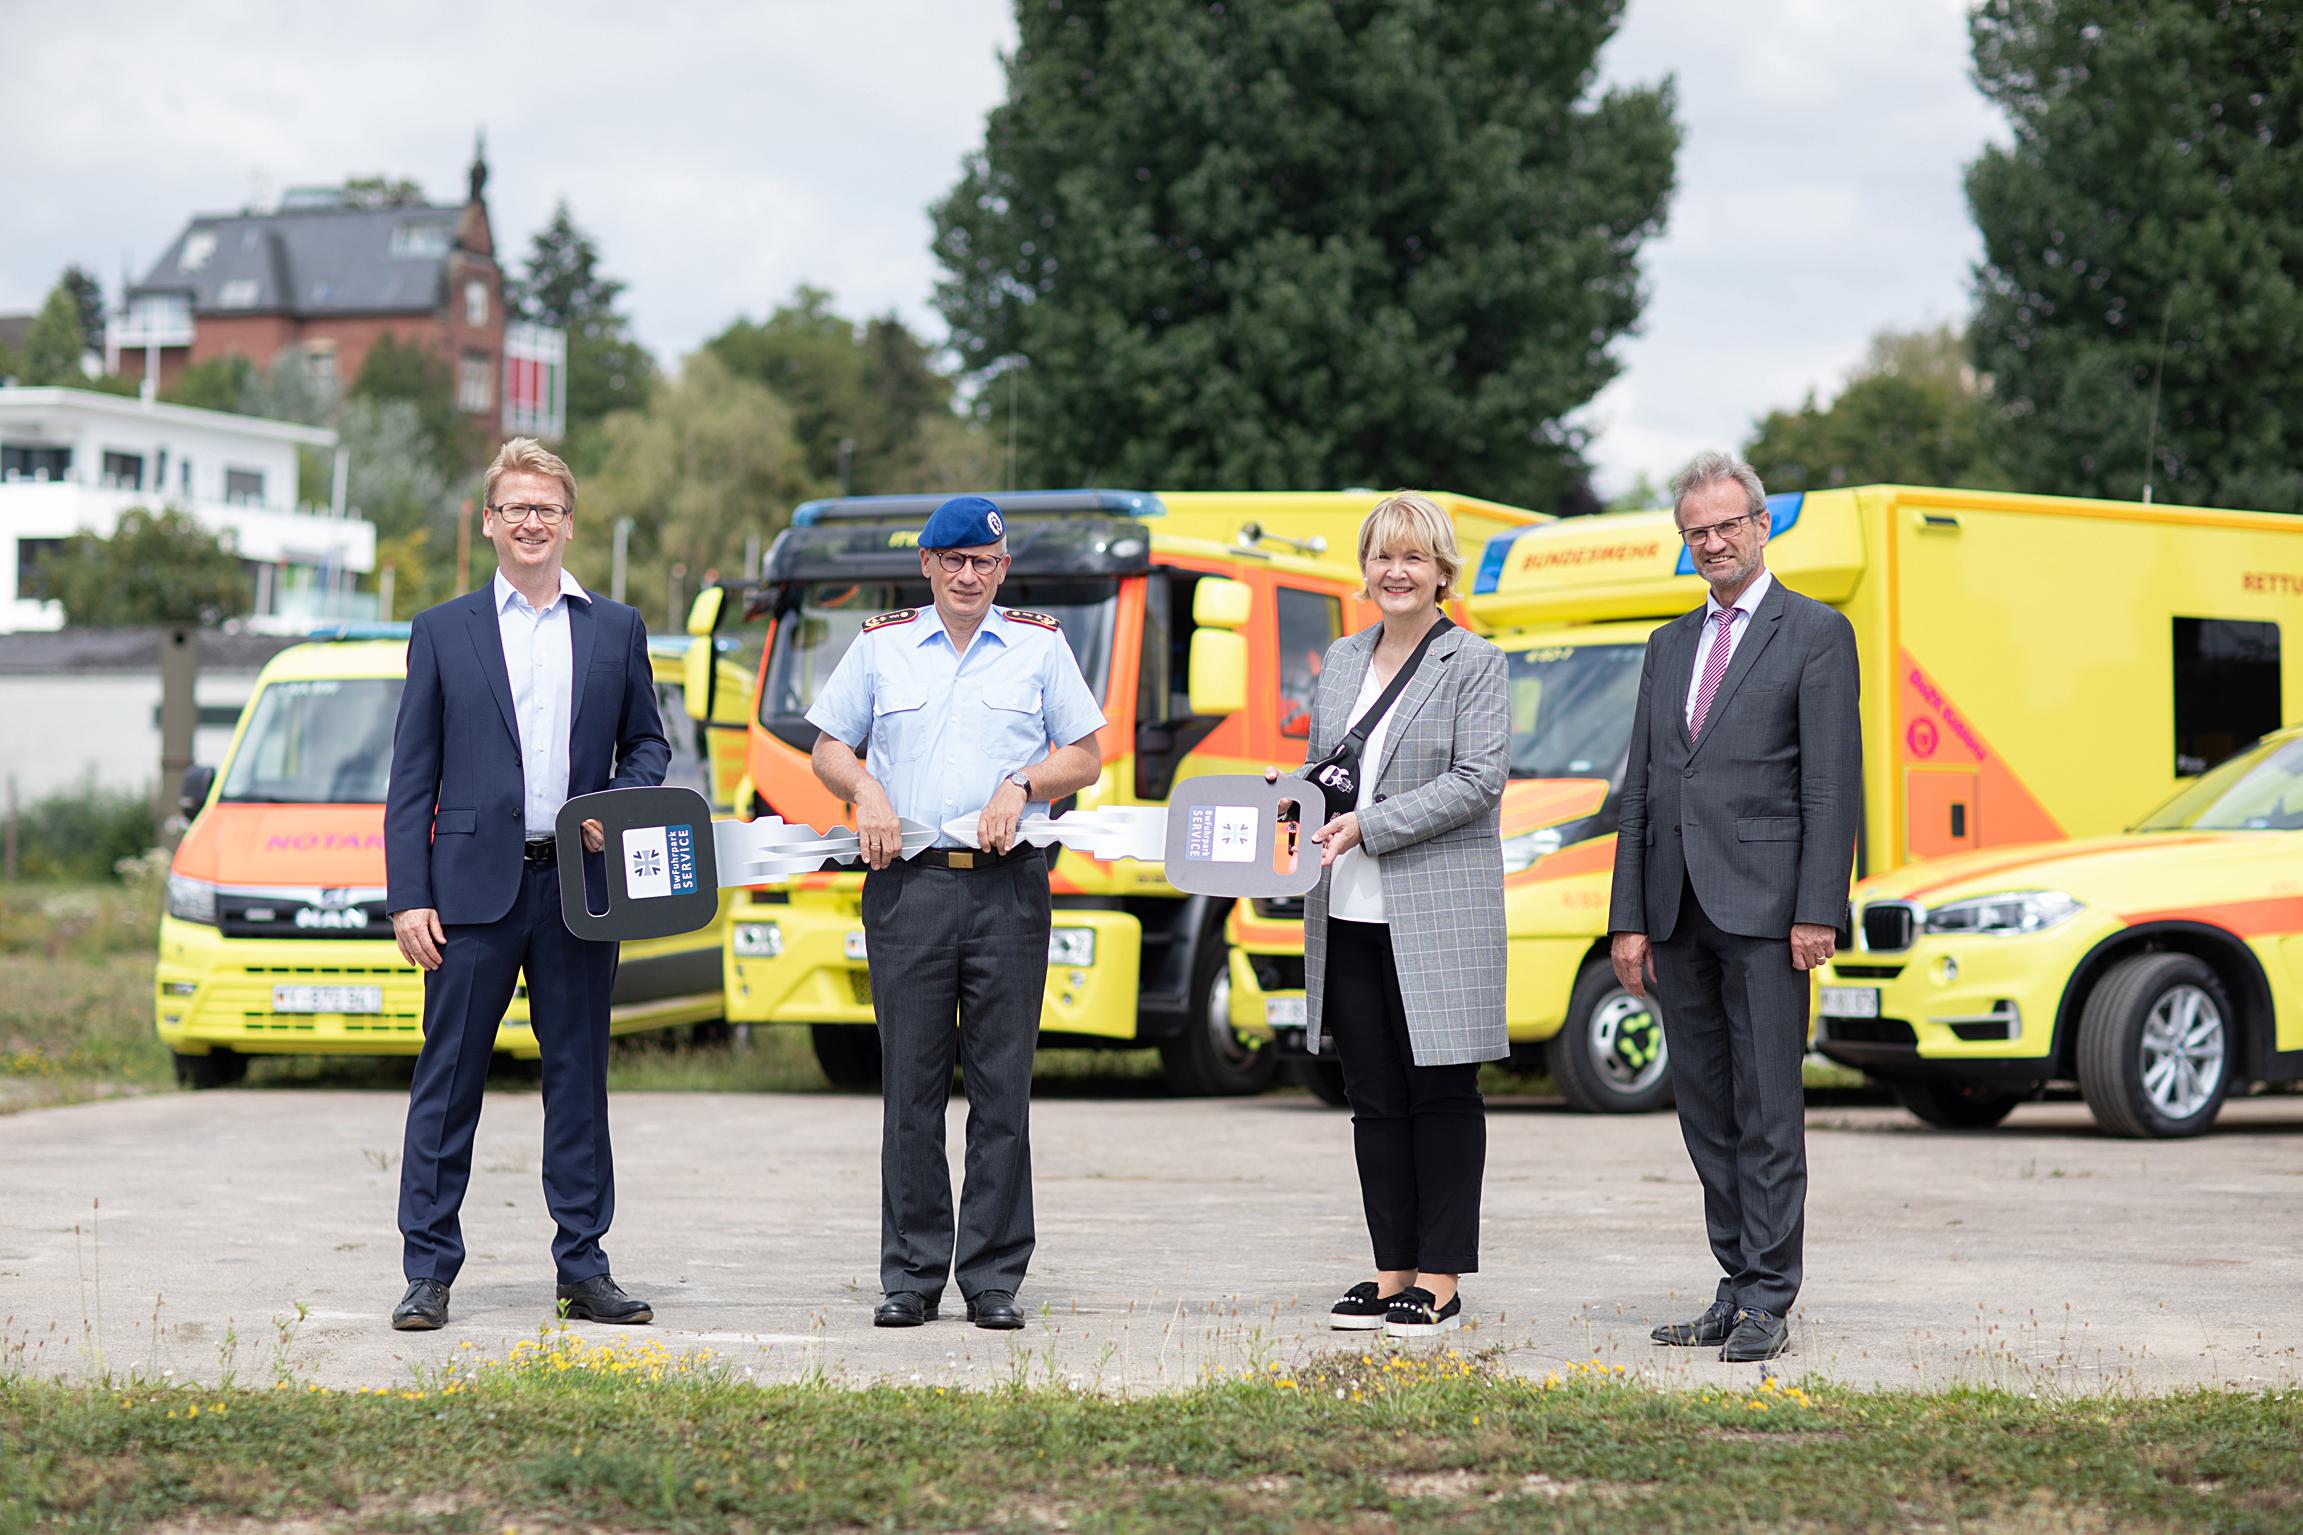 Übergabe Rettungsfahrzeuge Sanitätsdienst der Bundeswehr